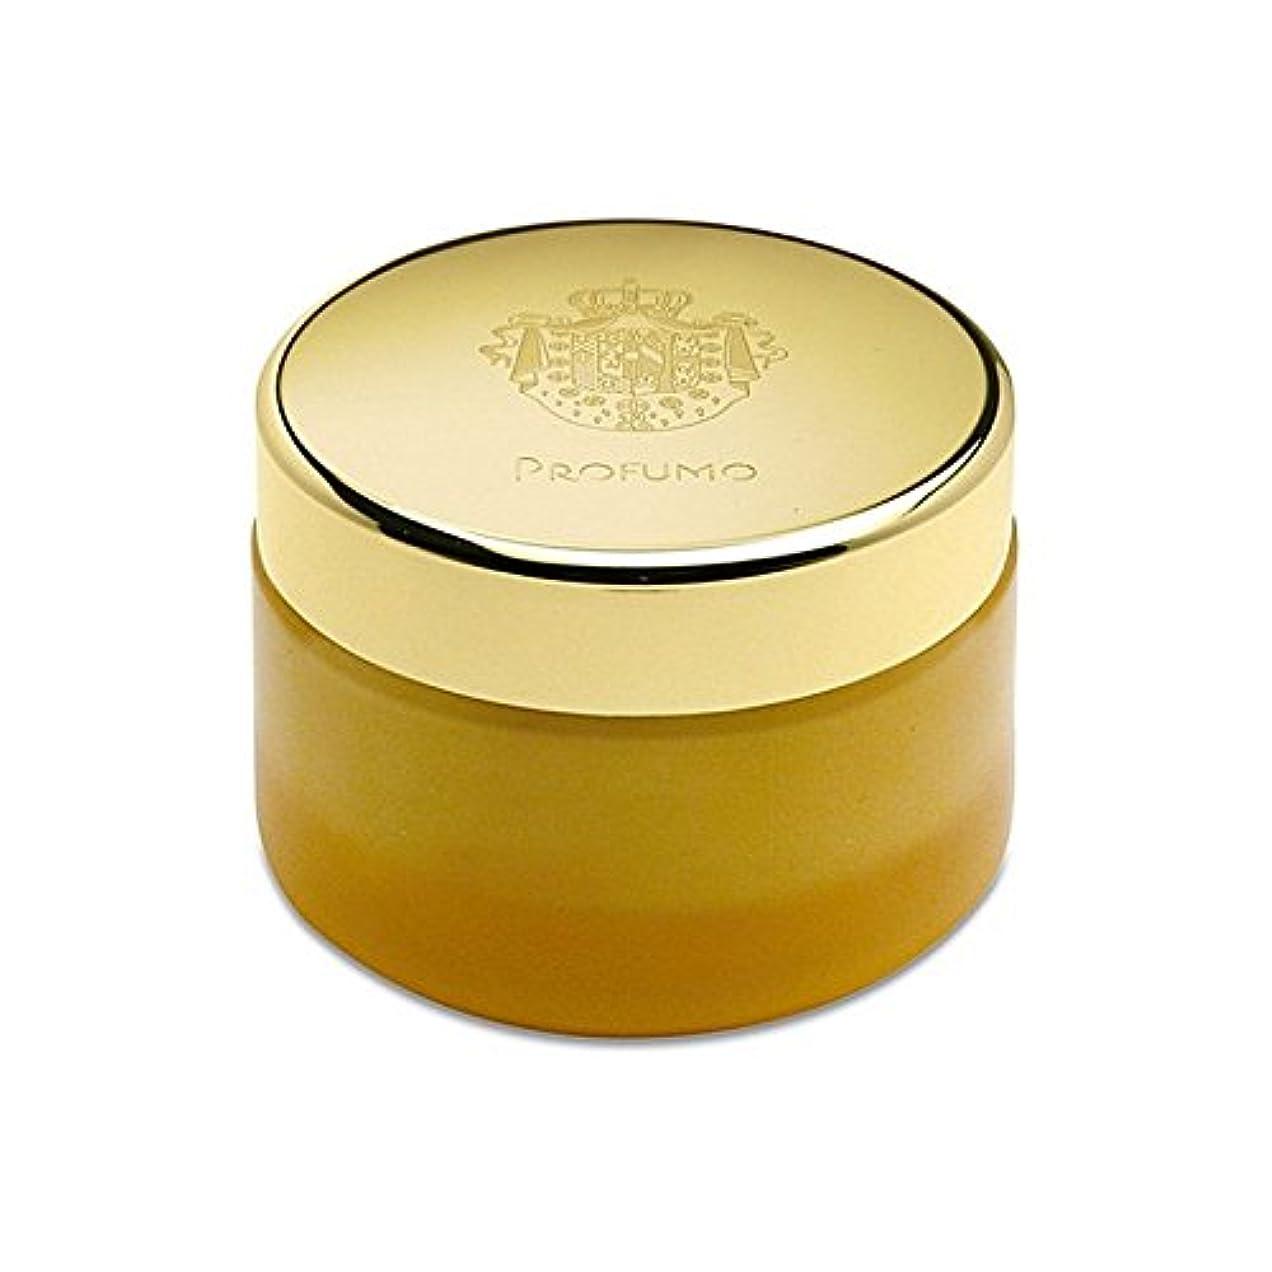 狂信者インゲン奨励しますアクアディパルマボディクリーム200ミリリットル x4 - Acqua Di Parma Profumo Body Cream 200ml (Pack of 4) [並行輸入品]